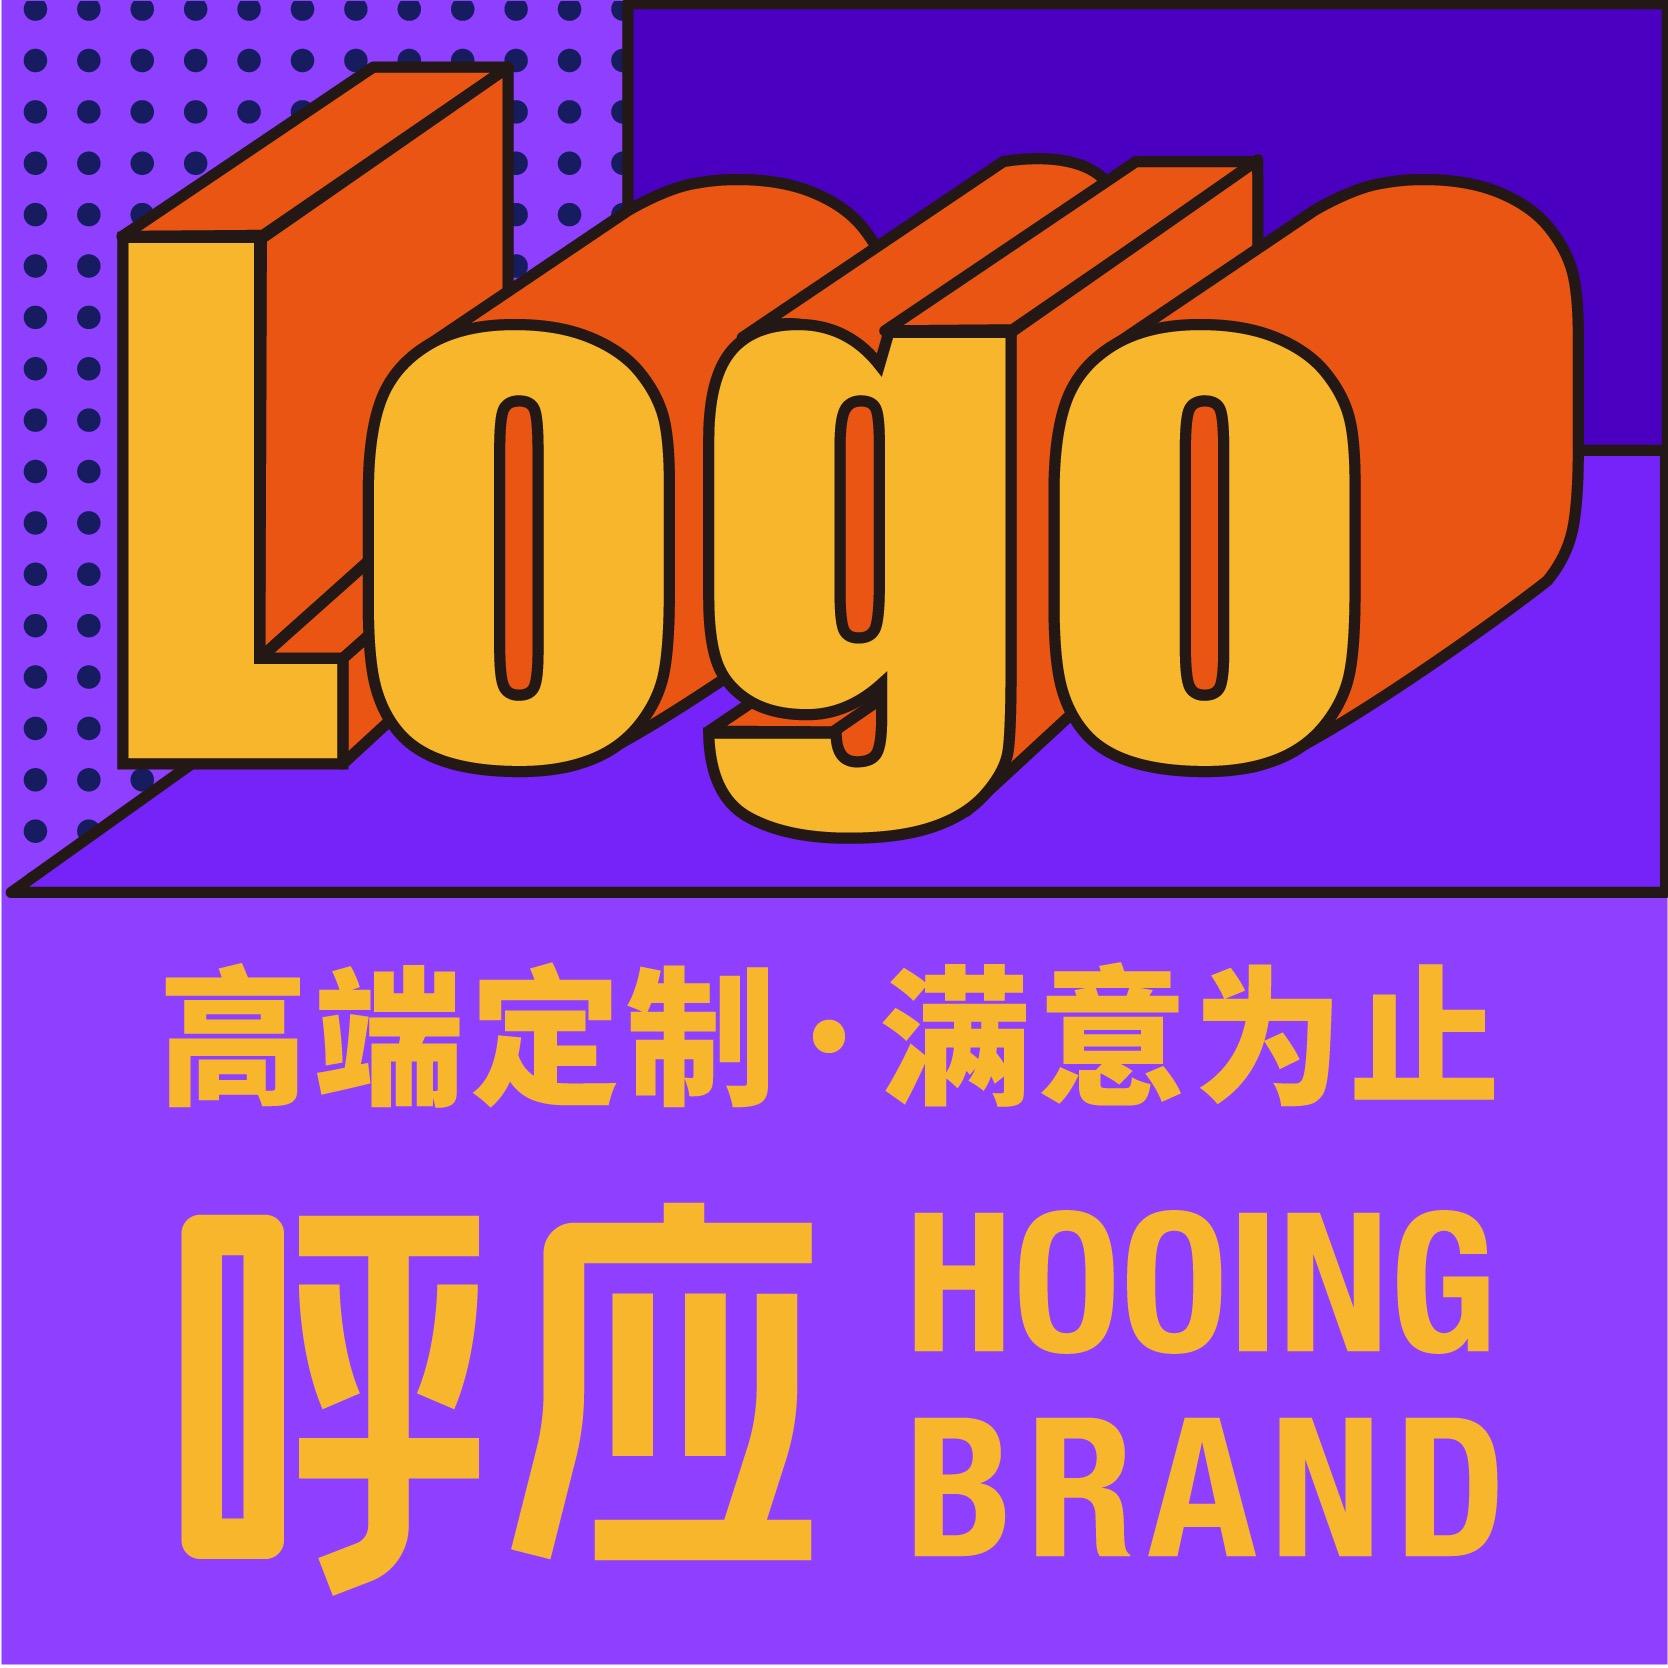 logo设计食品饮料餐饮教育农产品商标设计图形logo